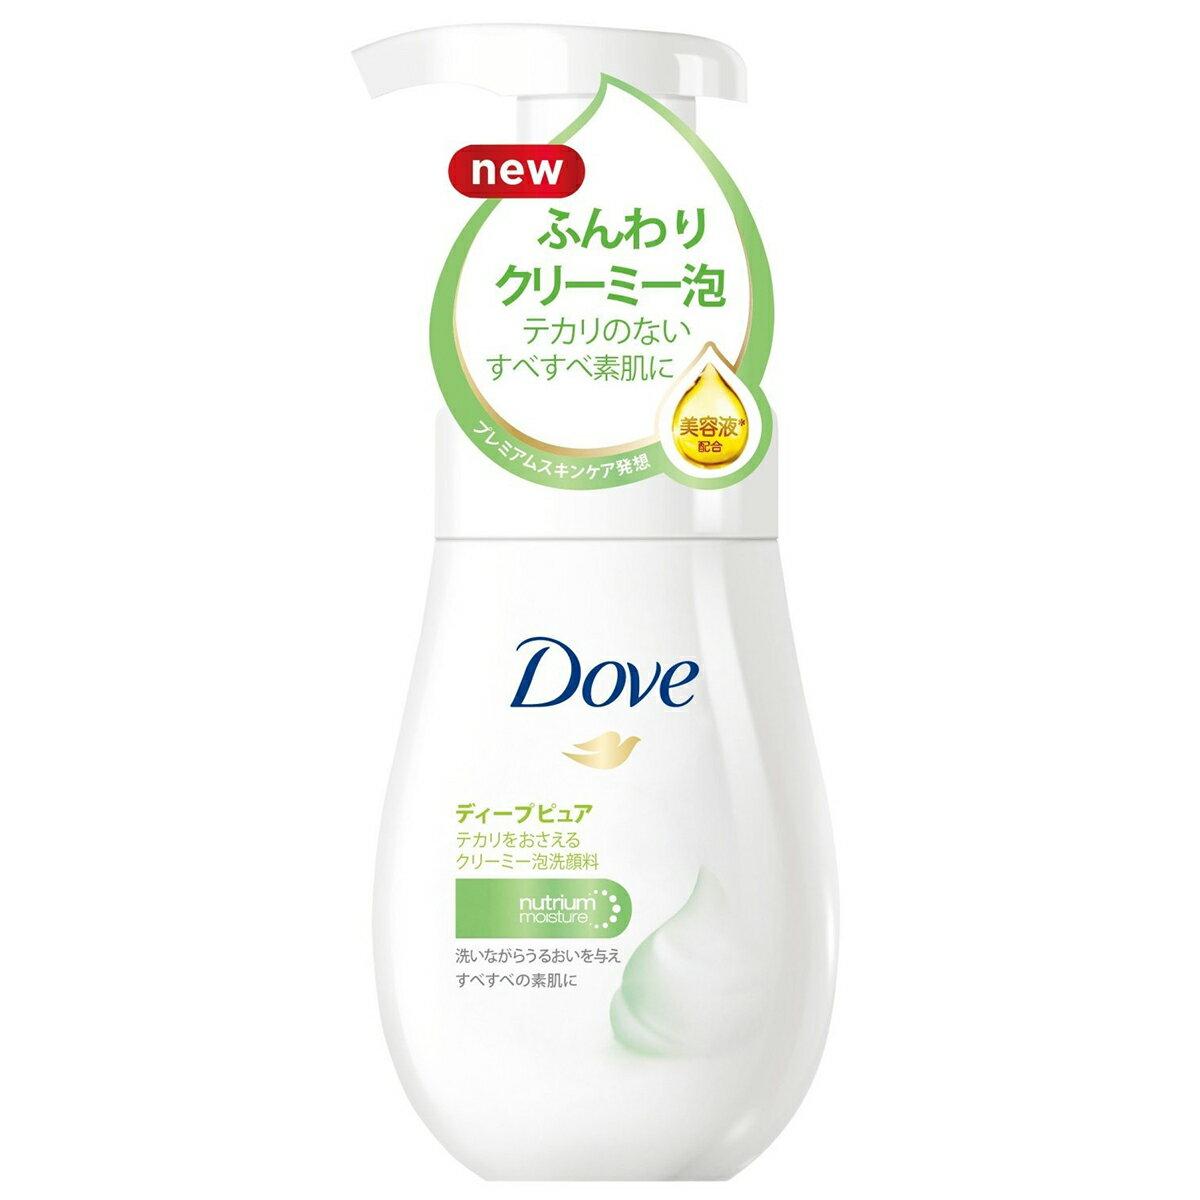 ユニリーバ・ジャパン株式会社Dove(ダヴ) ディープピュア クリーミー泡洗顔料[本体ポンプ]160ml<テカリをおさえる><みずみずしいフローラルの香り>(この商品は注文後のキャンセルができません)